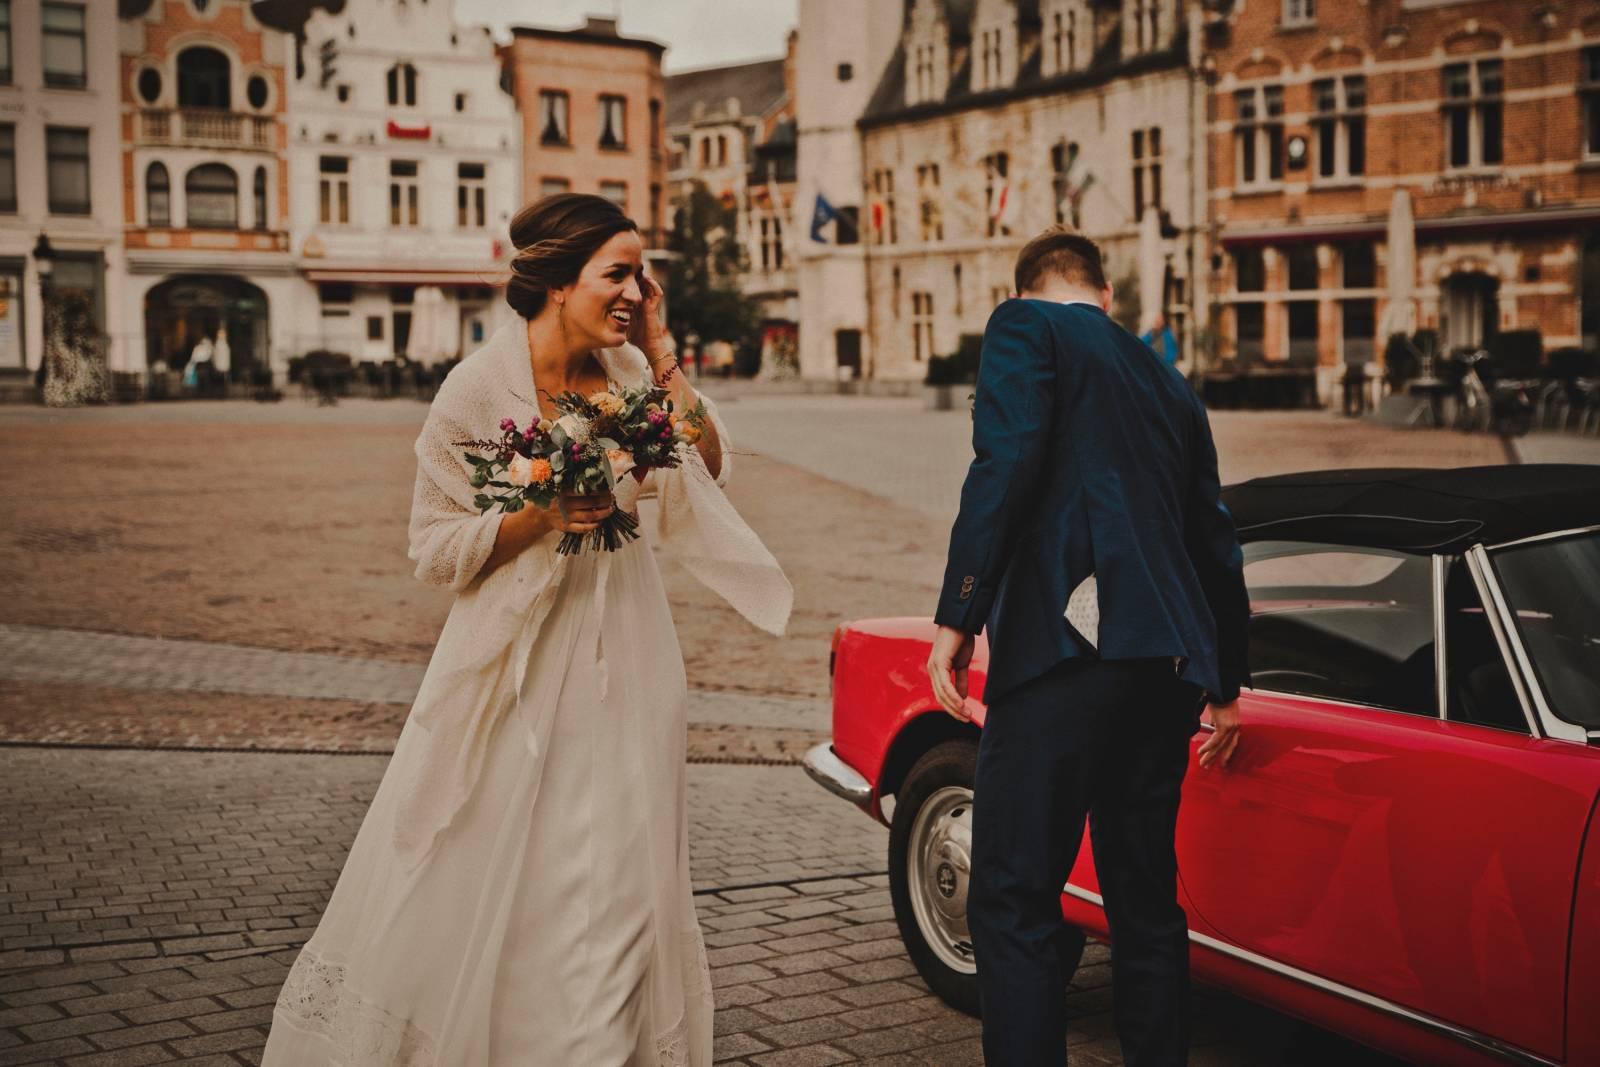 Ateljee Boekee - Bloemen - House Of Weddings - 9